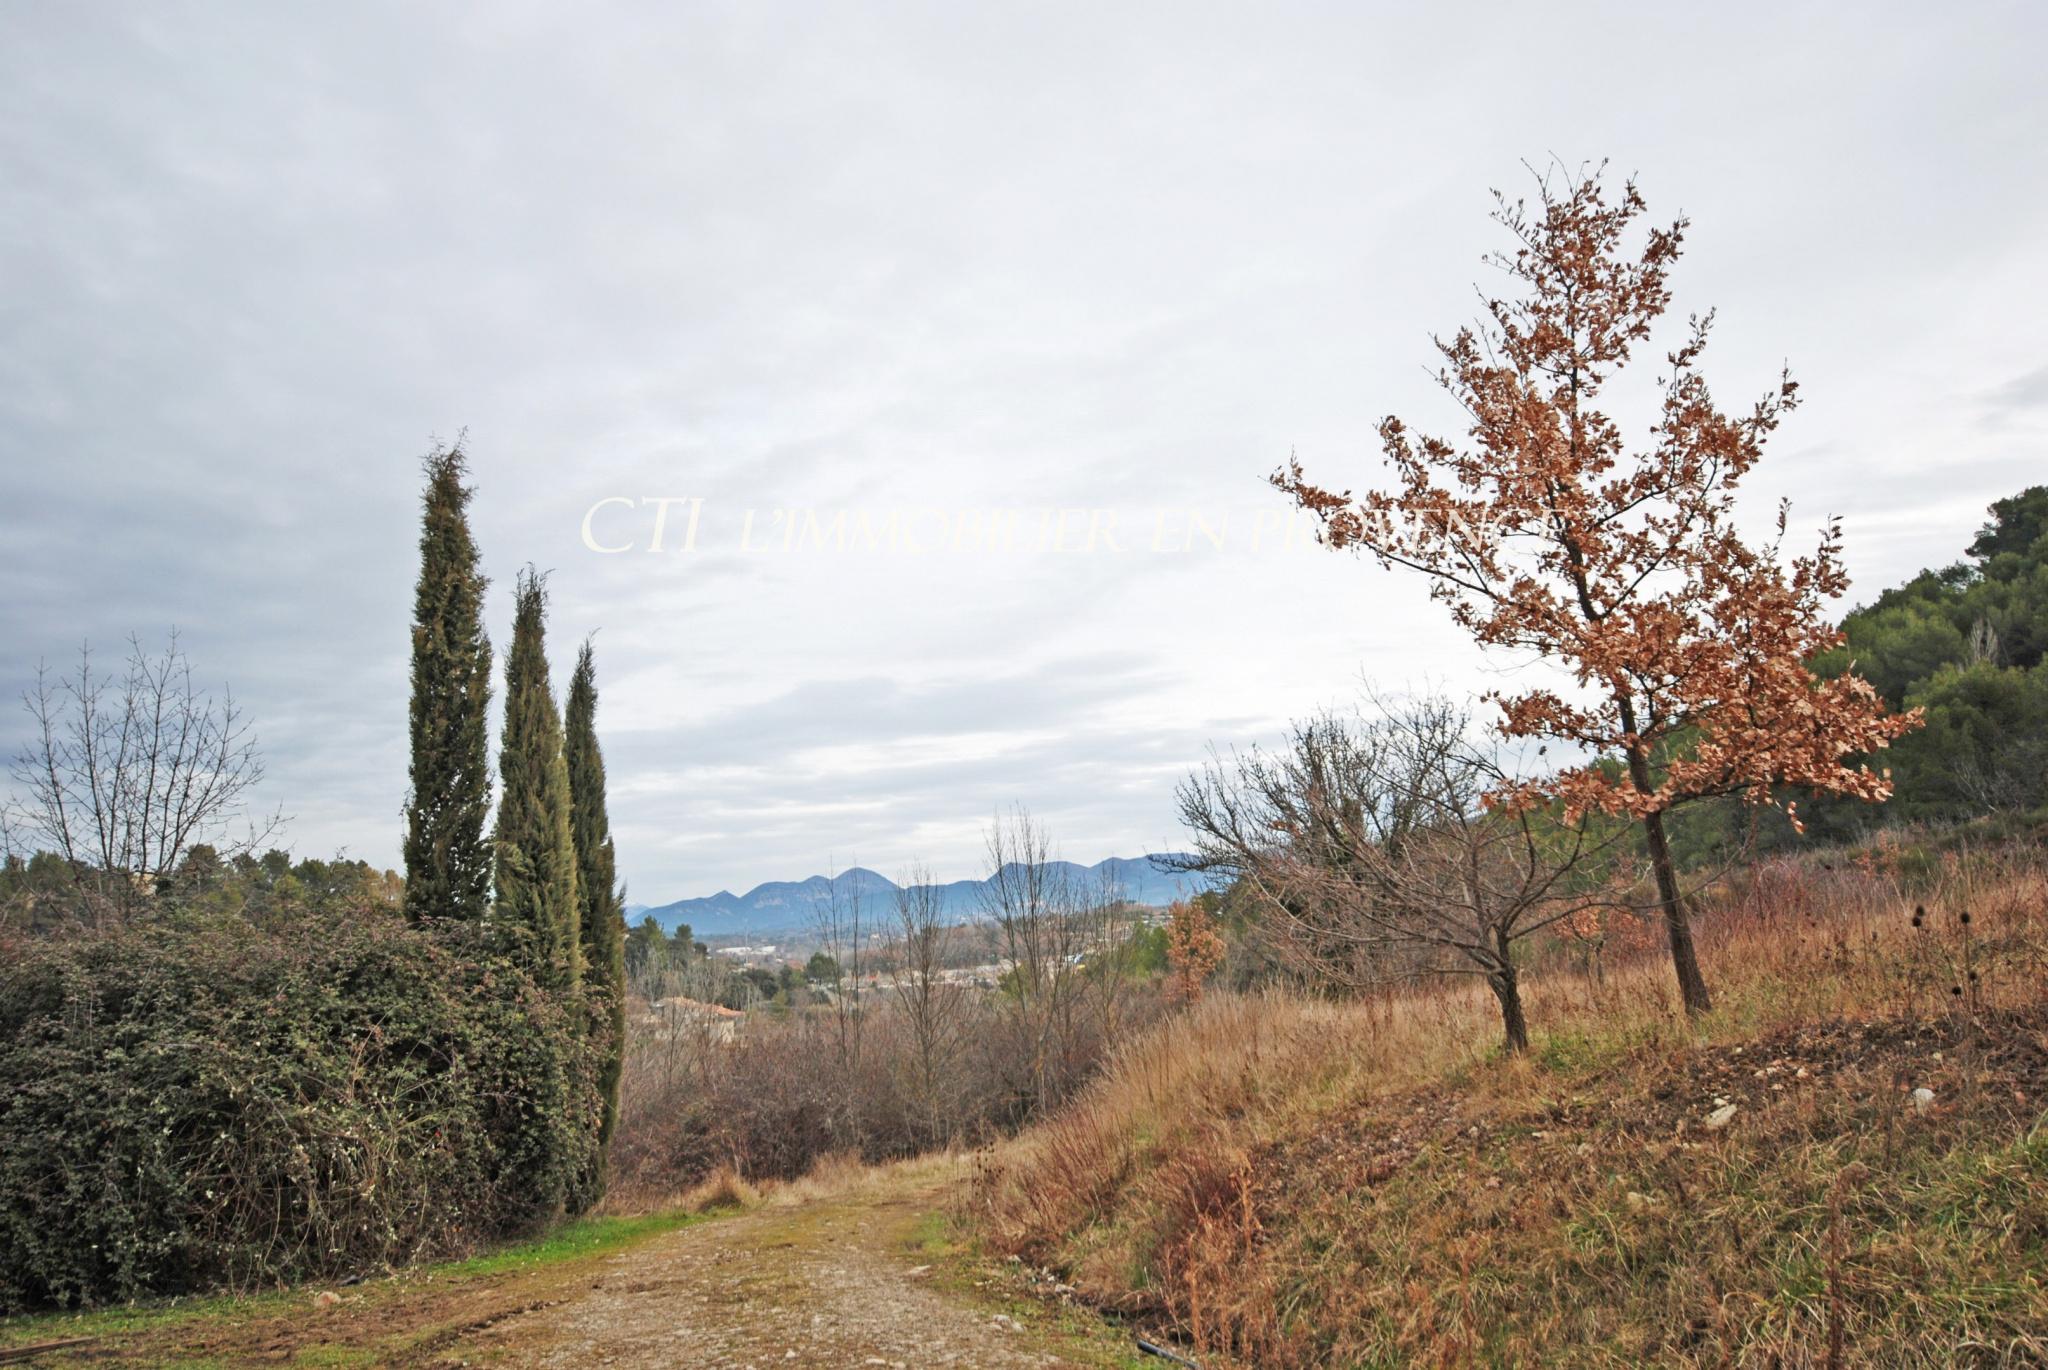 0 www.cti-provence.net VENTE PROPRIETE 10 HECTARES MAS DEPENDANCES A 5 MIN DE VAISON